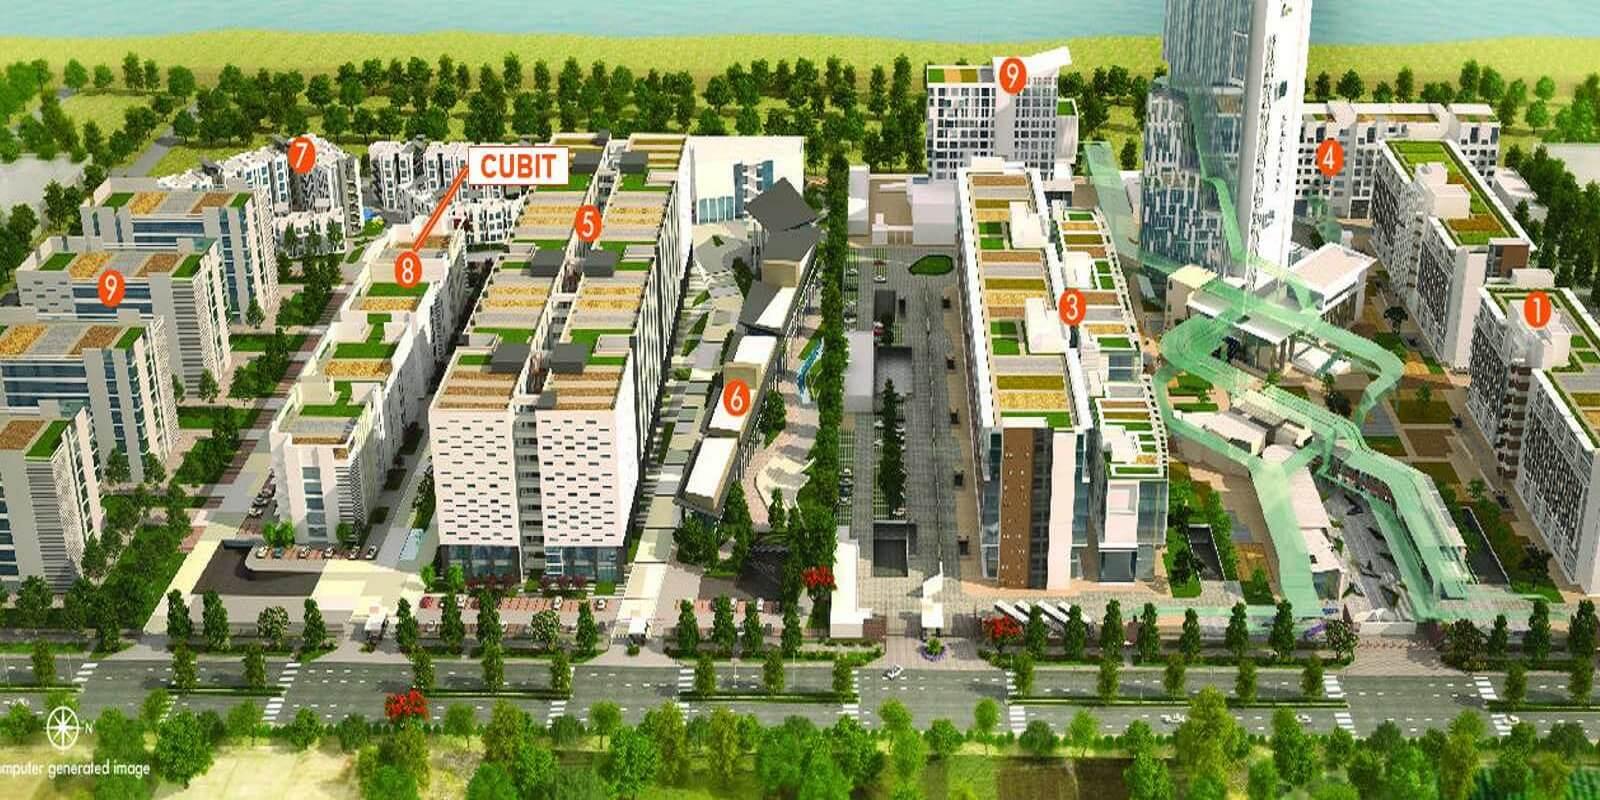 wtc cubit project large image1